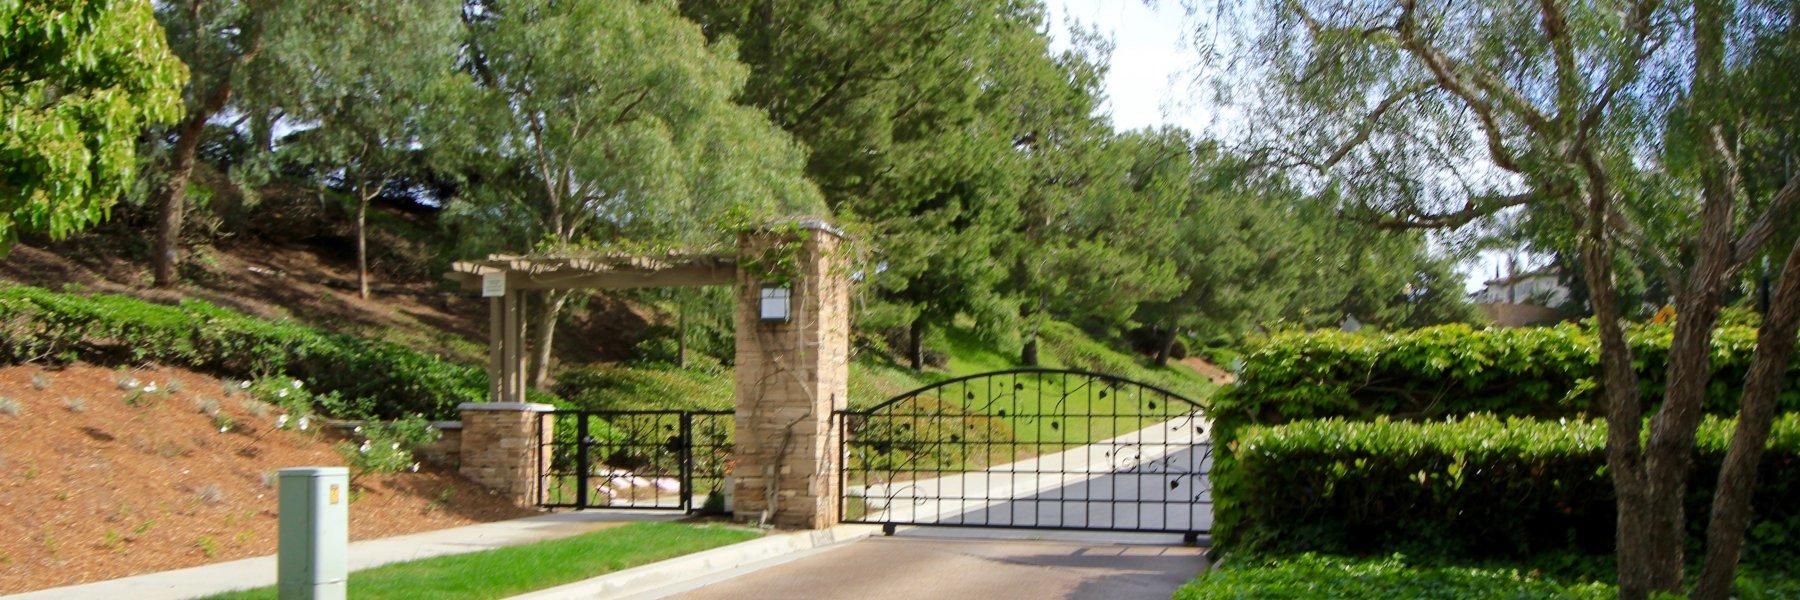 Sandalwood is a community of homes in Encinitas California